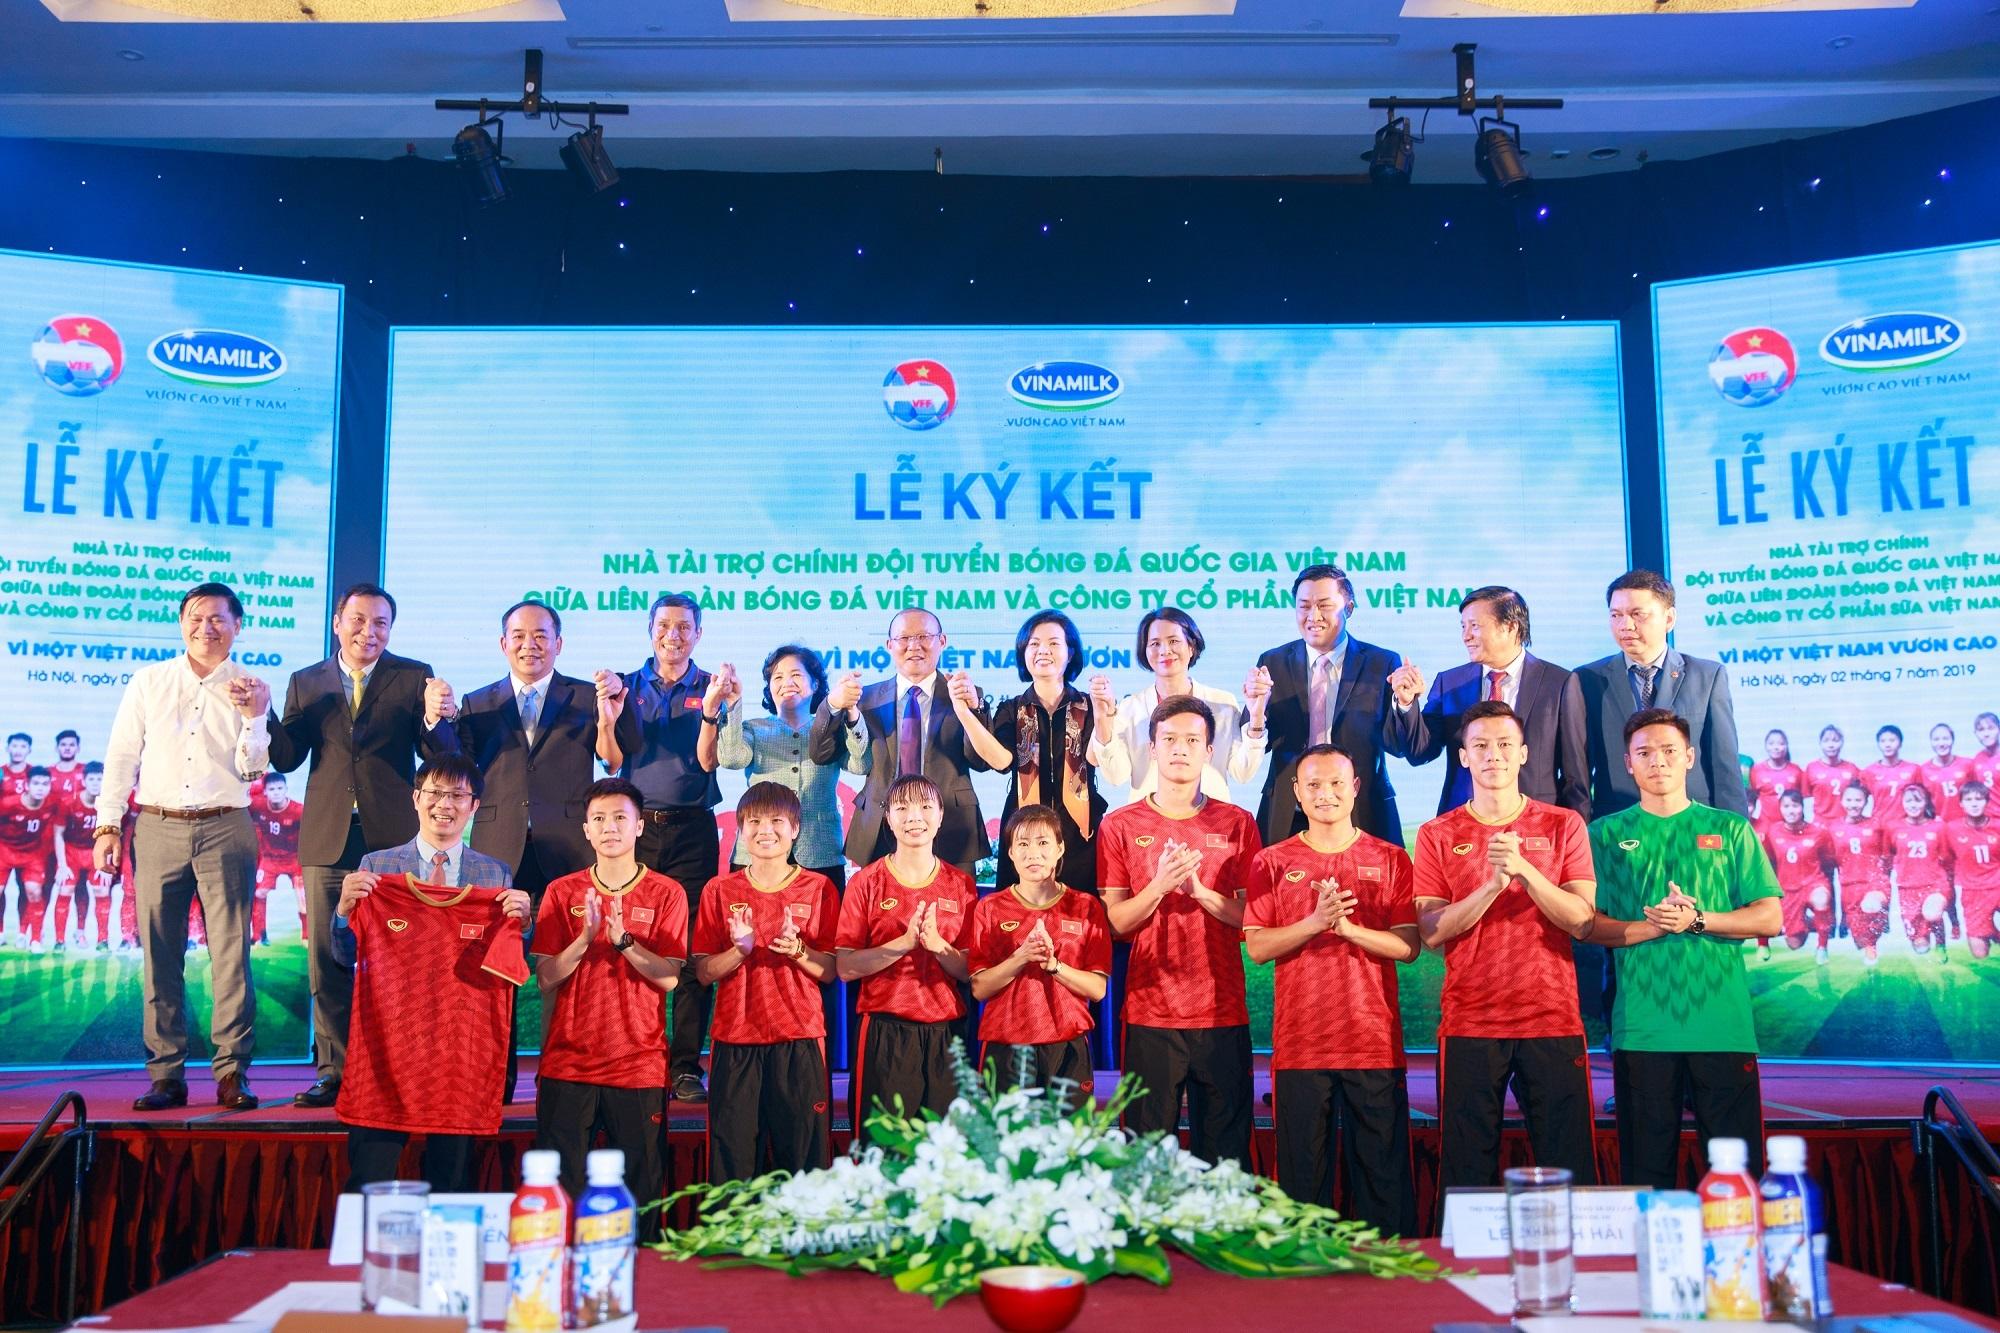 Vinamilk tài trợ chính thức cho các đội tuyển bóng đá quốc gia vì một Việt Nam vươn cao - Ảnh 4